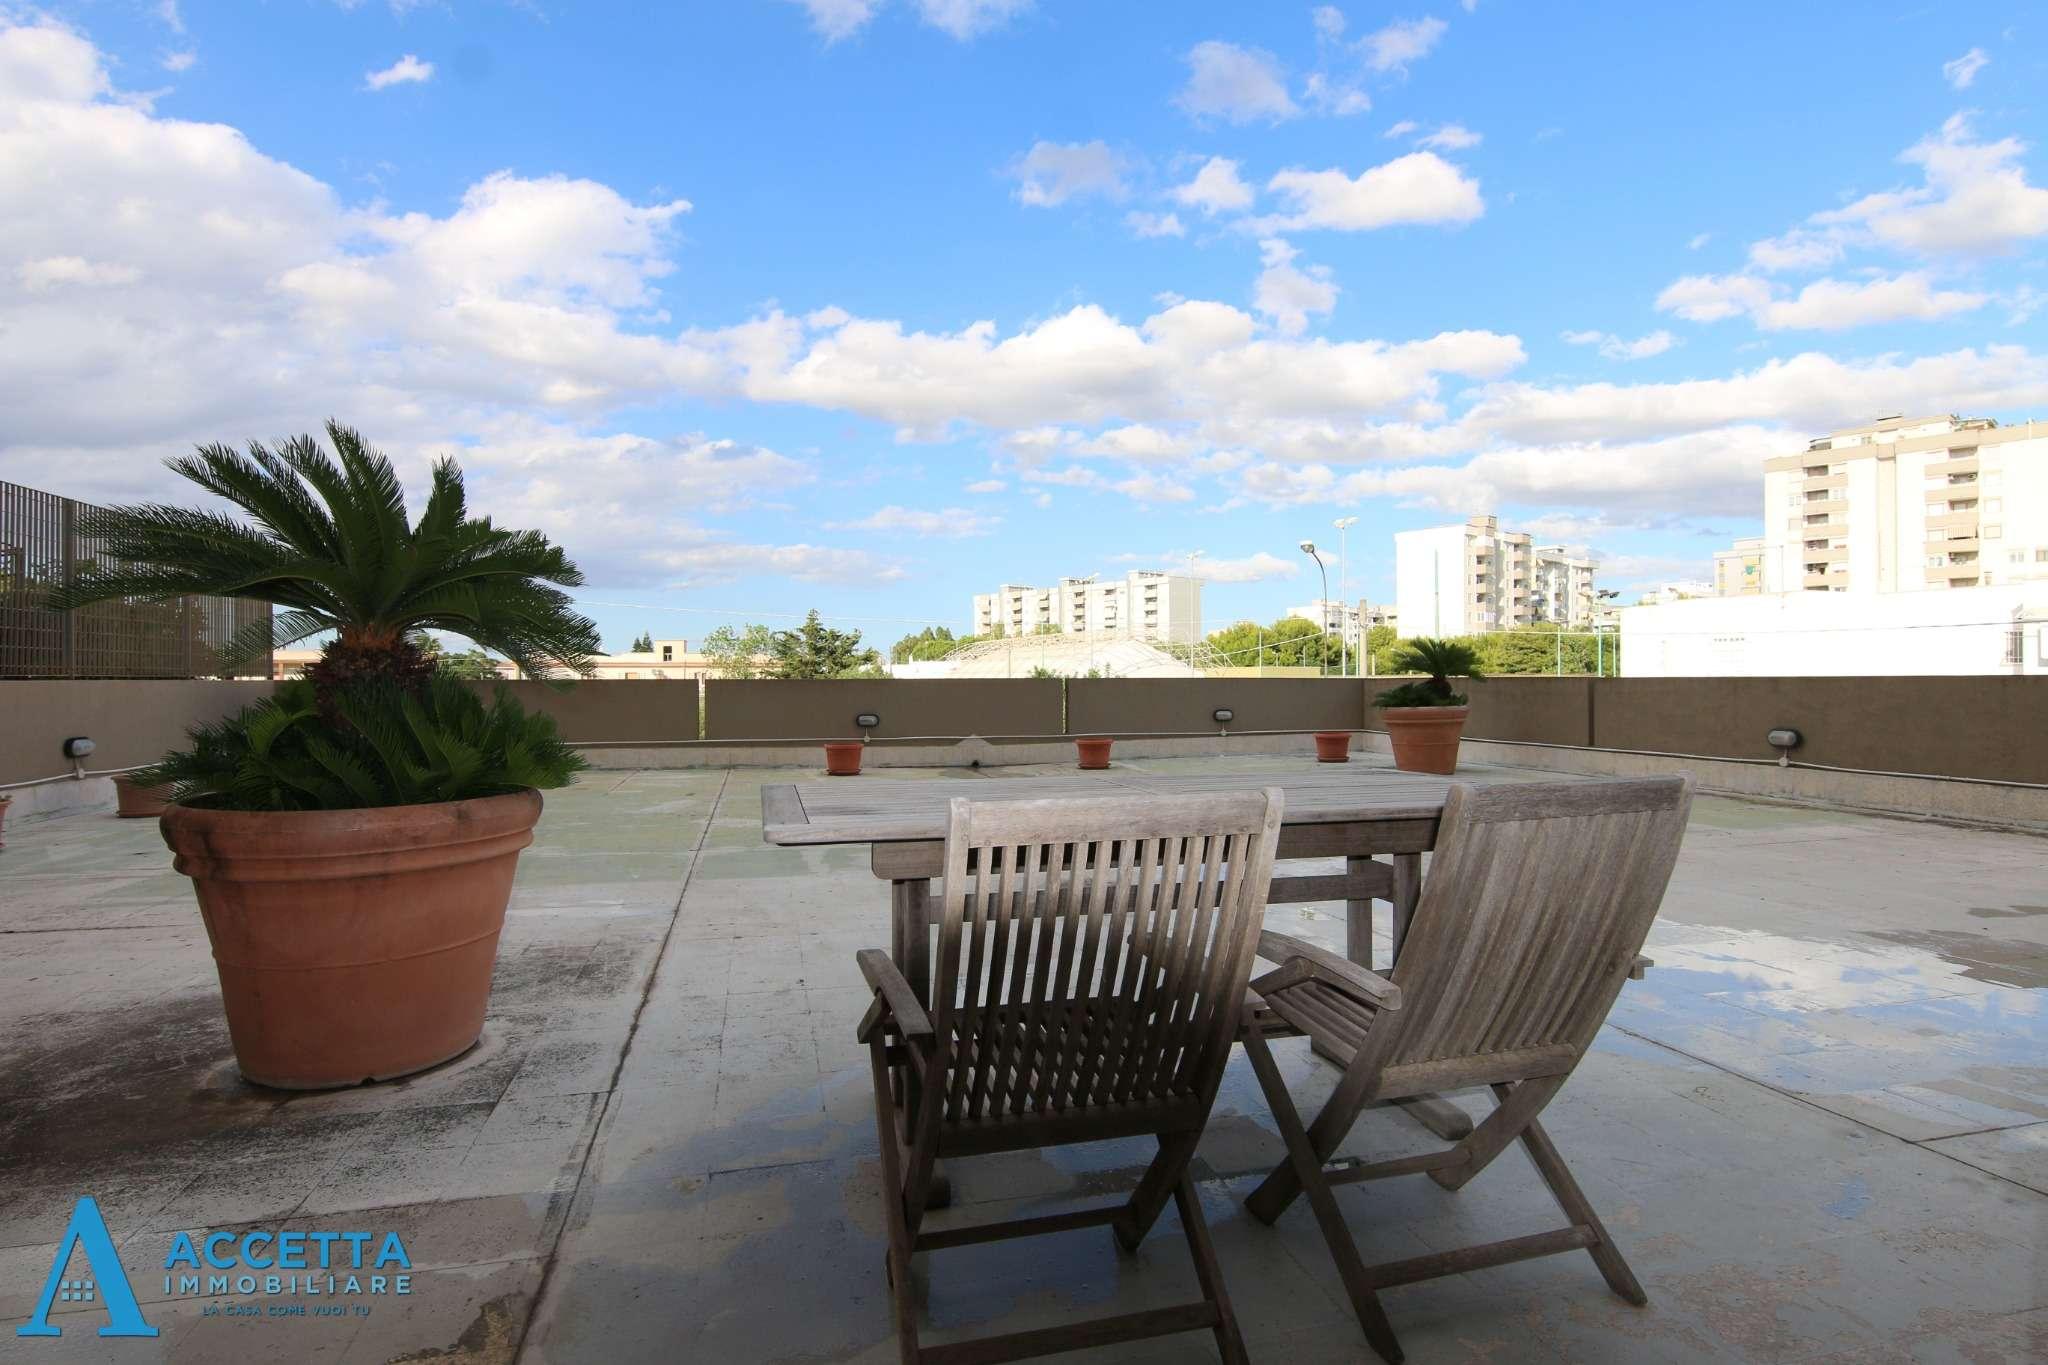 Appartamento in vendita a Taranto, 3 locali, prezzo € 85.000 | PortaleAgenzieImmobiliari.it